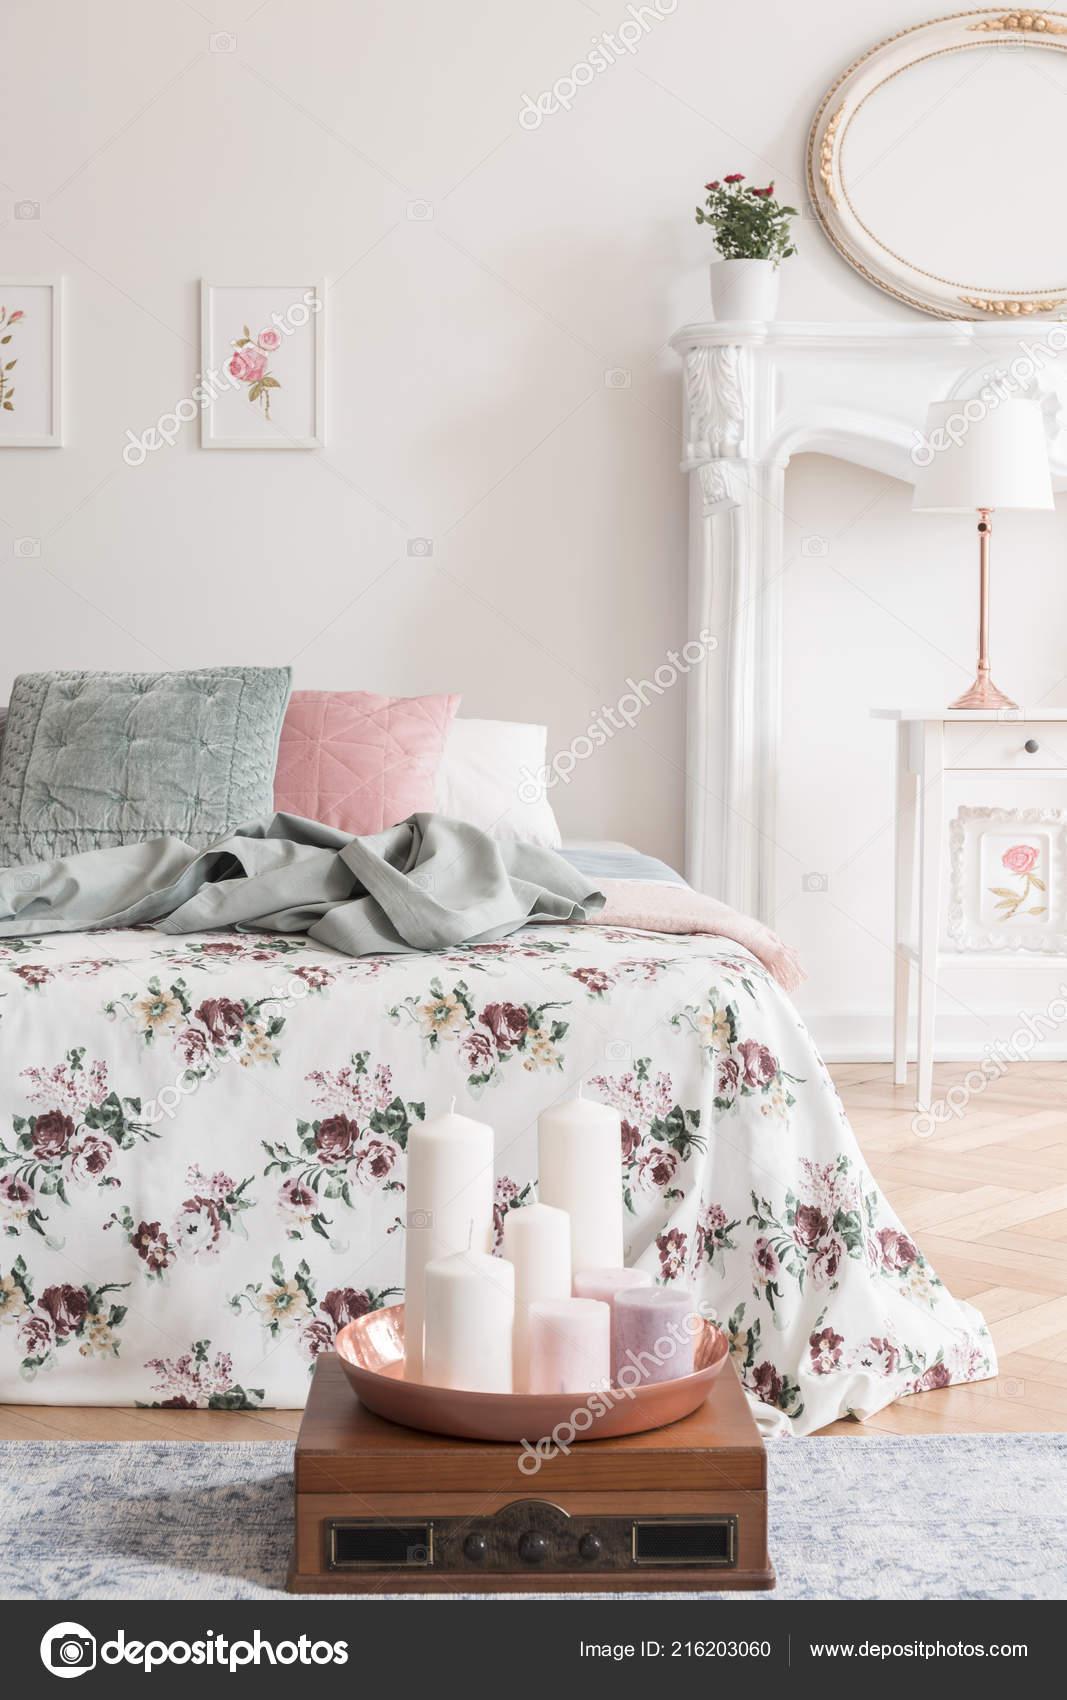 Englisch Stil Schlafzimmer Innenraum Mit Einem Bett Bekleidet Mit